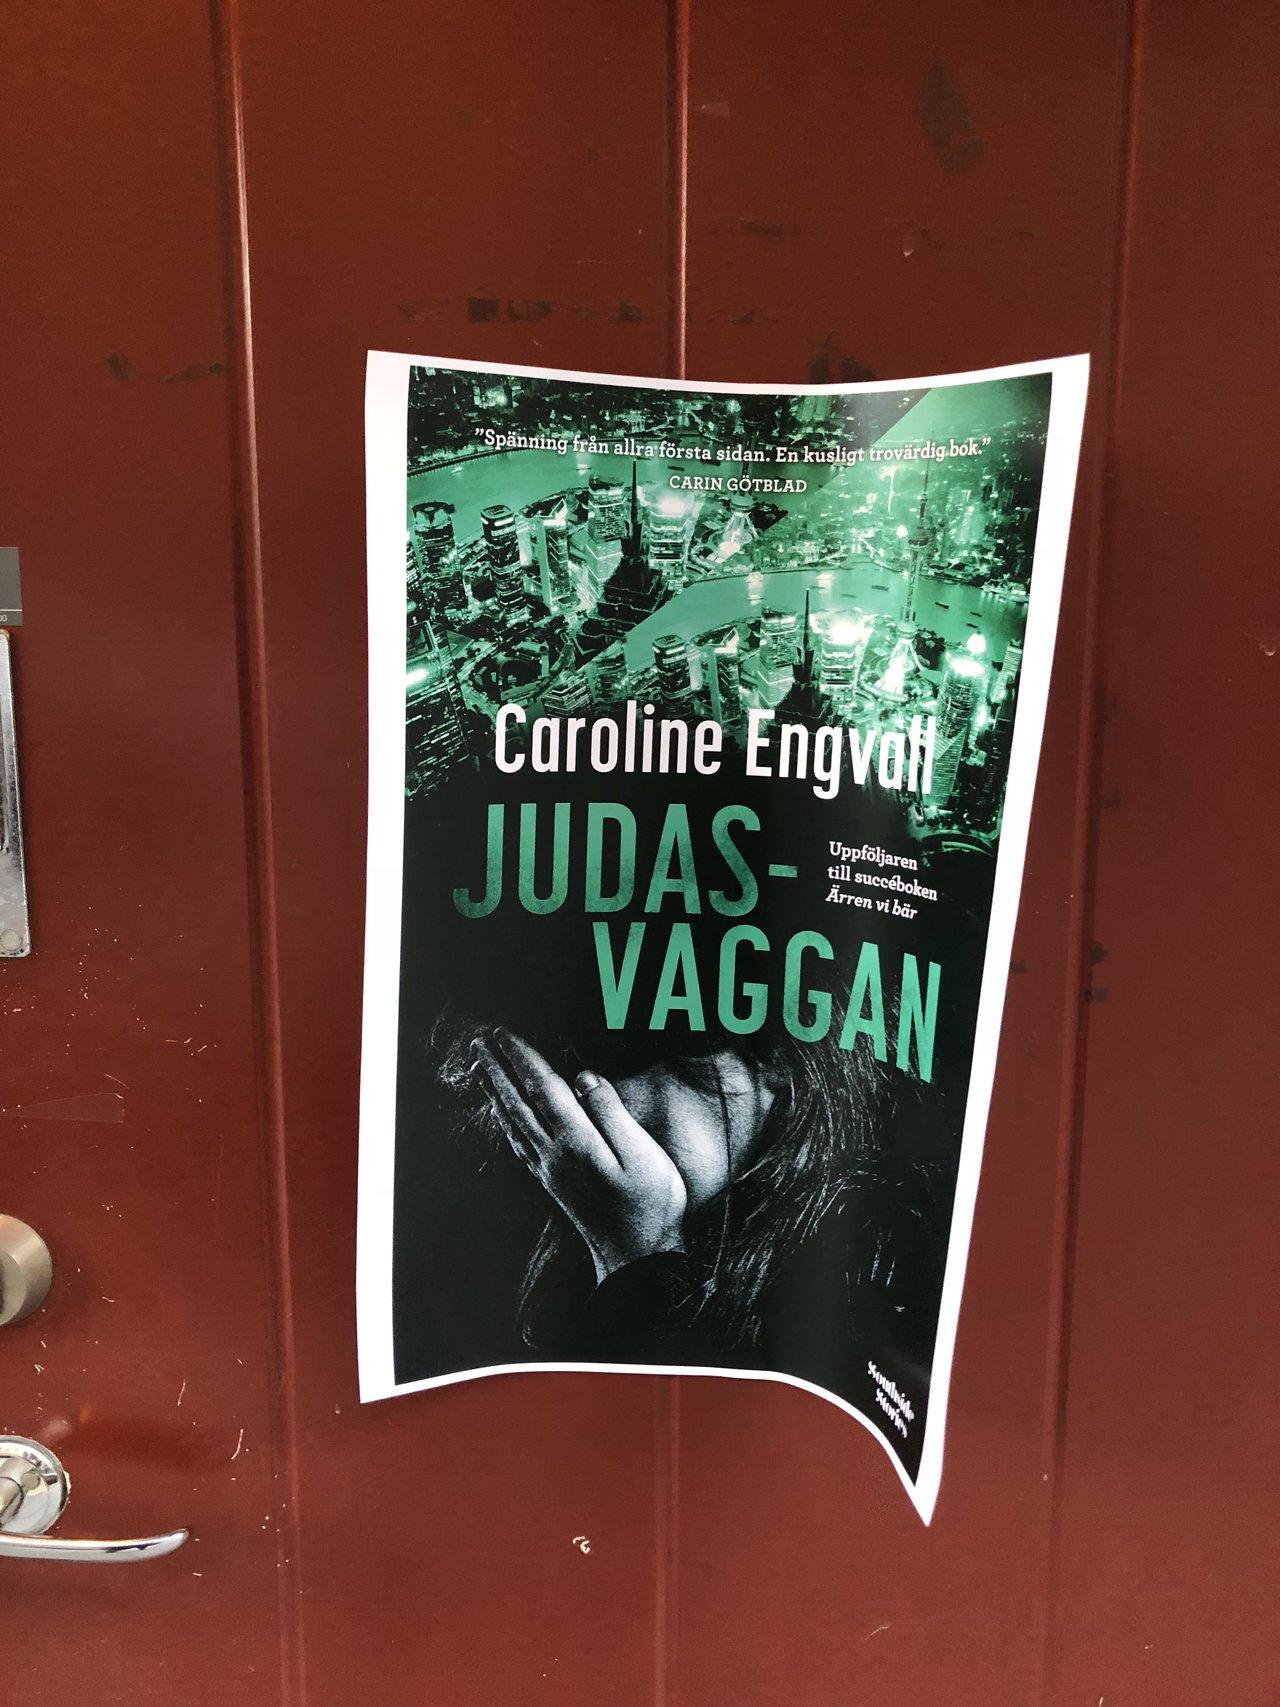 Caroline engvall har releasefest för boken judasvaggan på surbrunnsgatan i stockholm